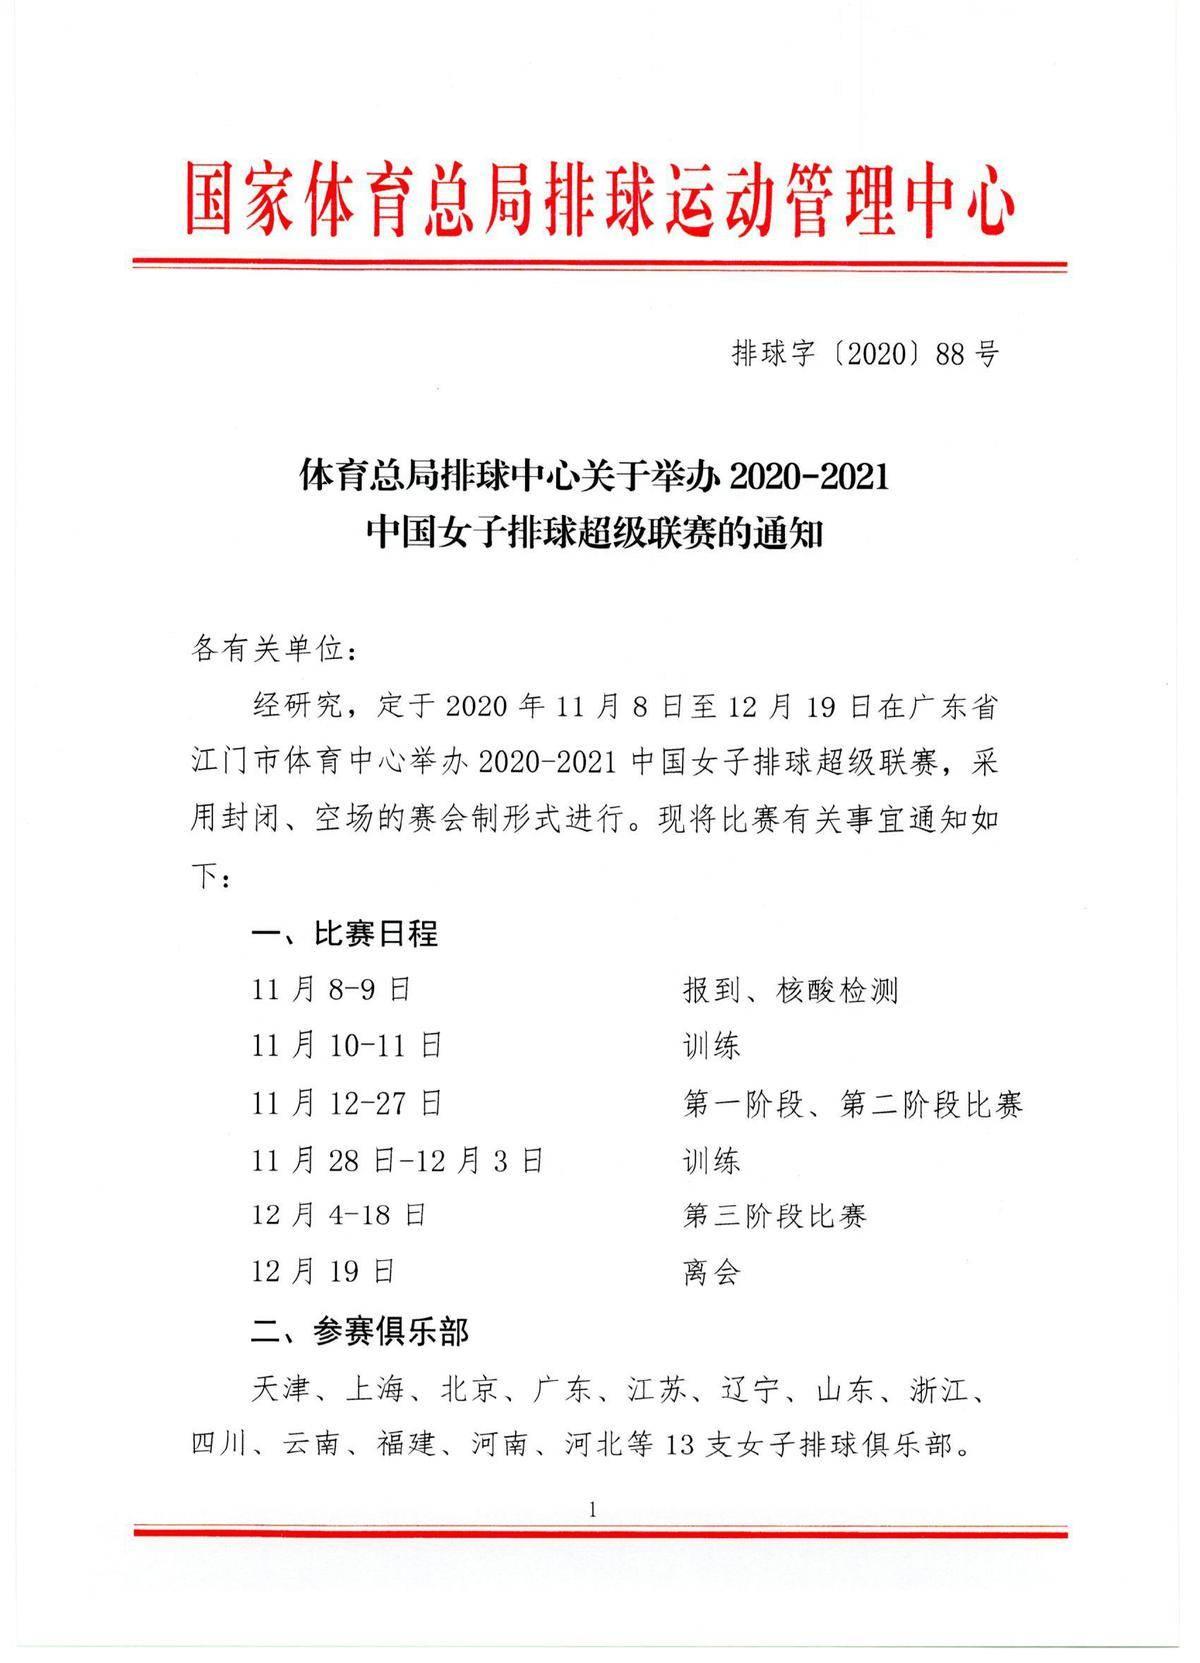 女排联赛比赛日期确定:11月8日广东进行 采用赛会制